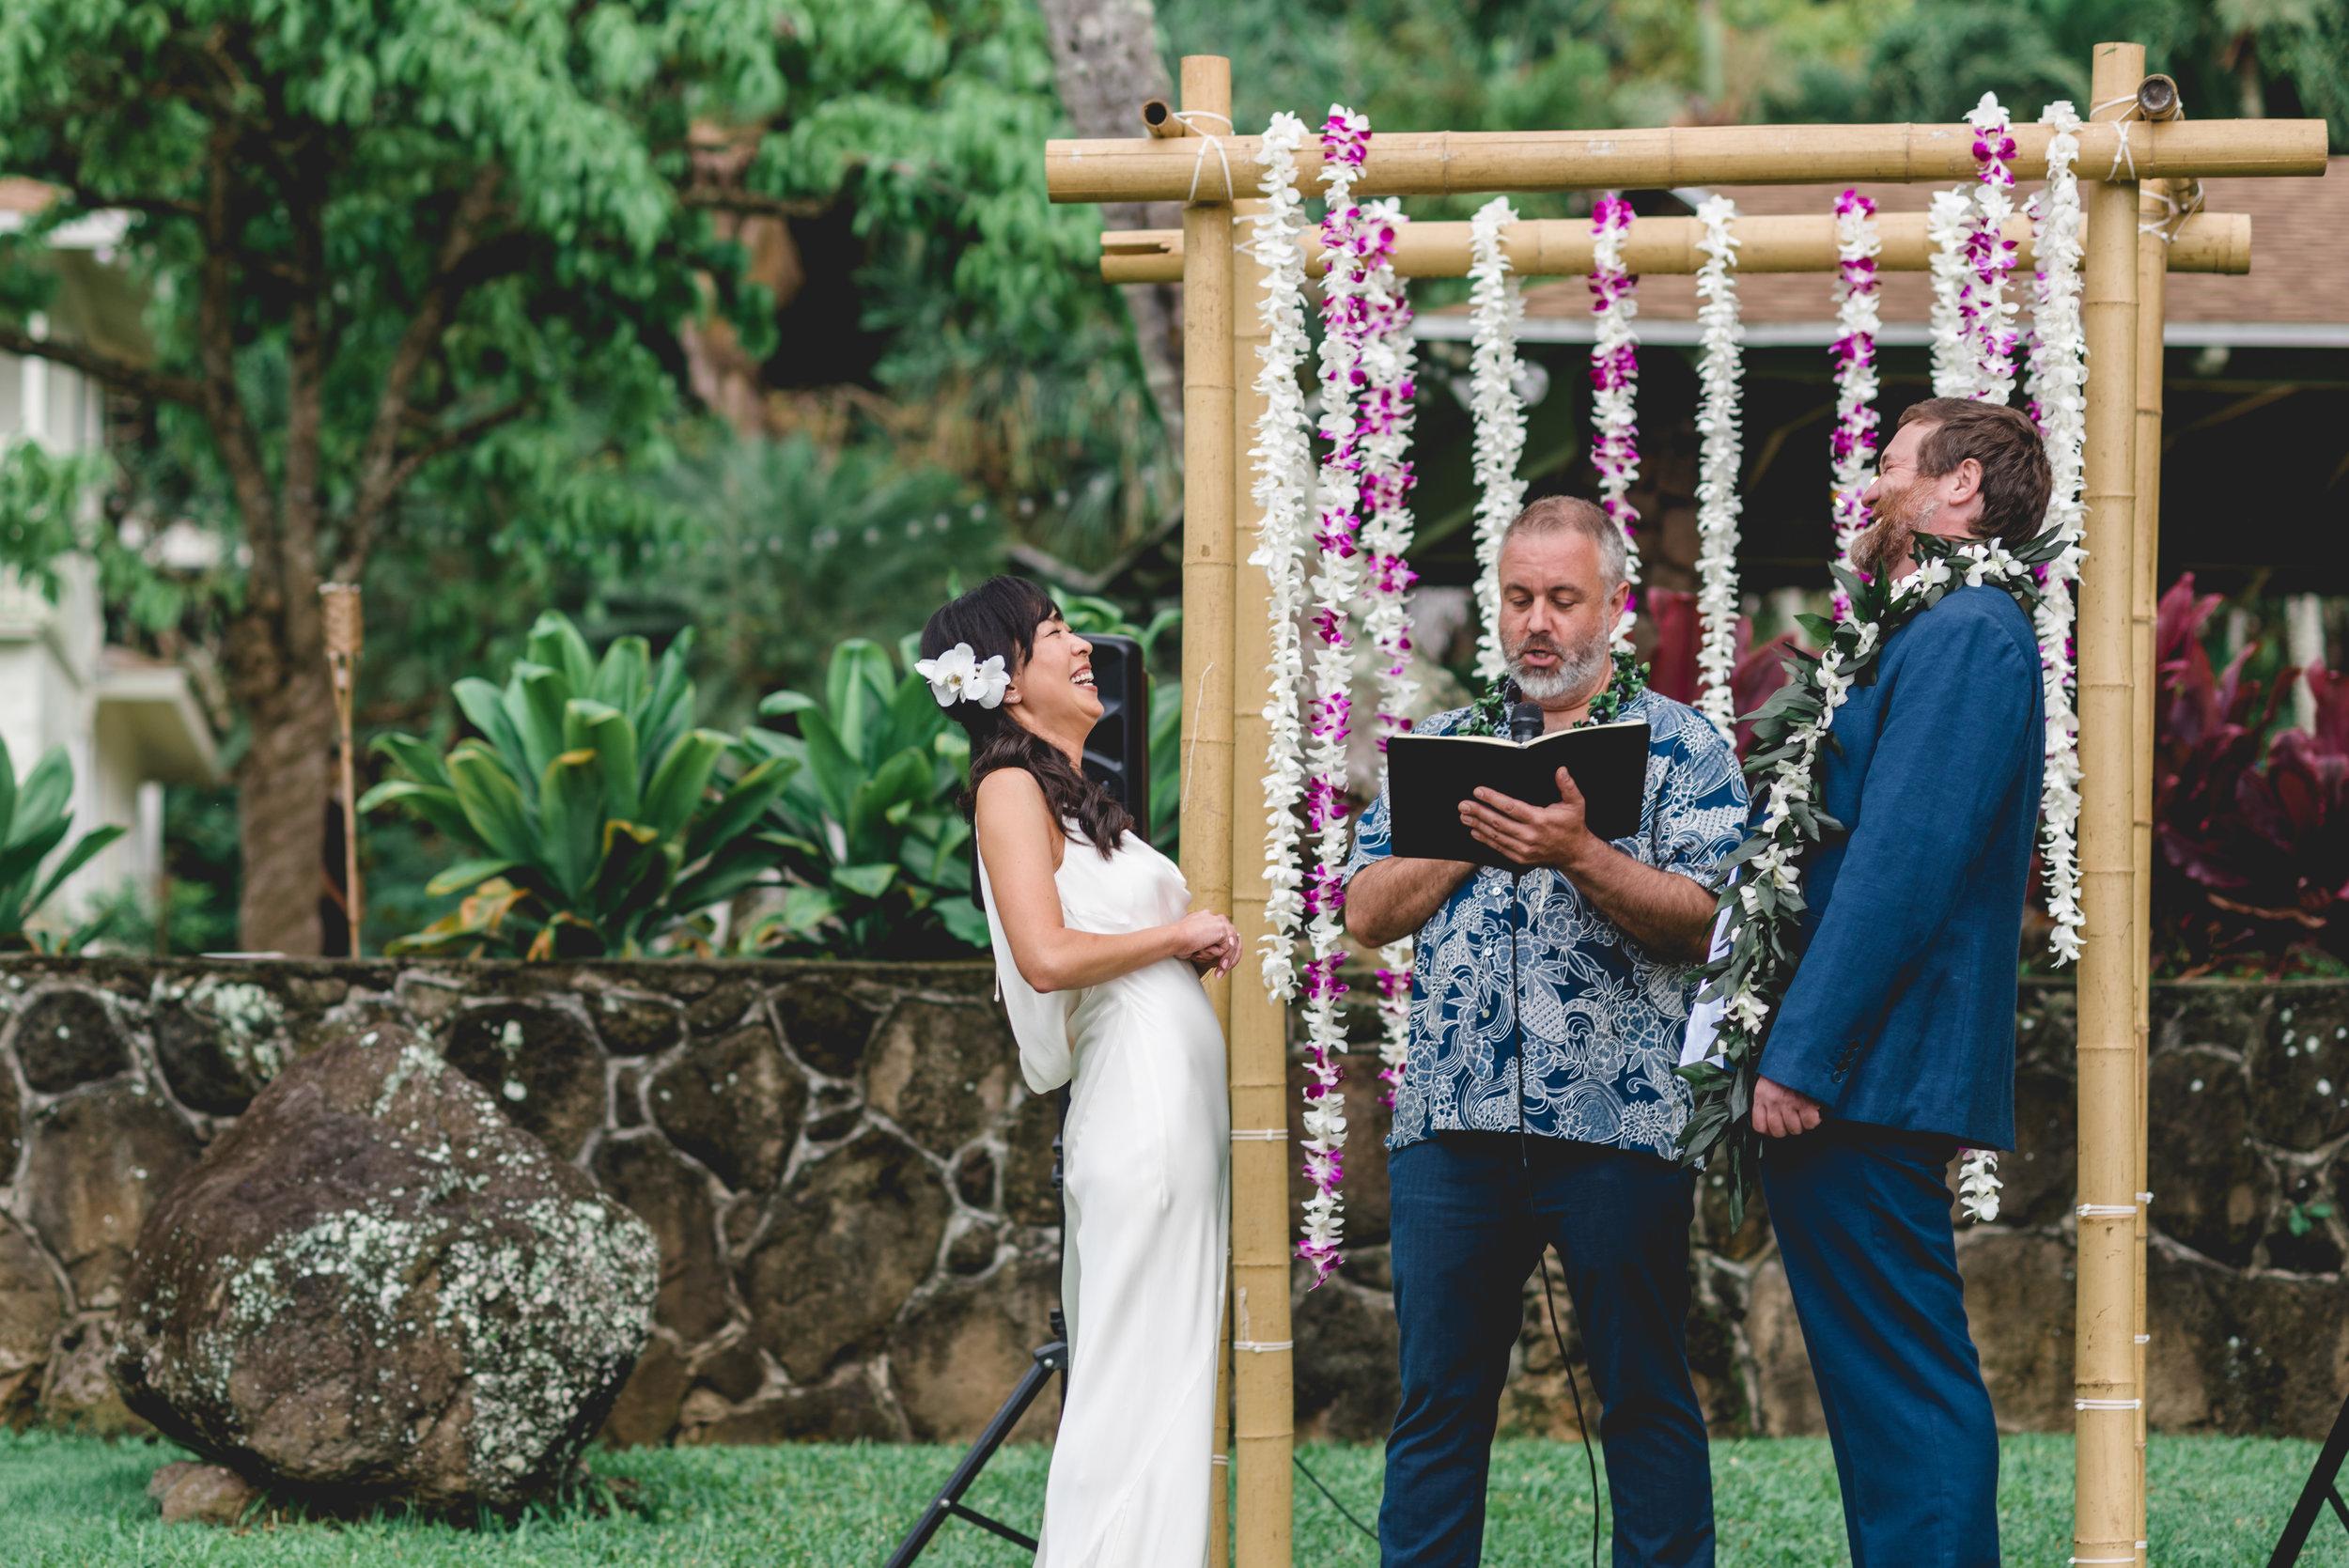 burns_deruntz-wedding-ceremony-157.jpg